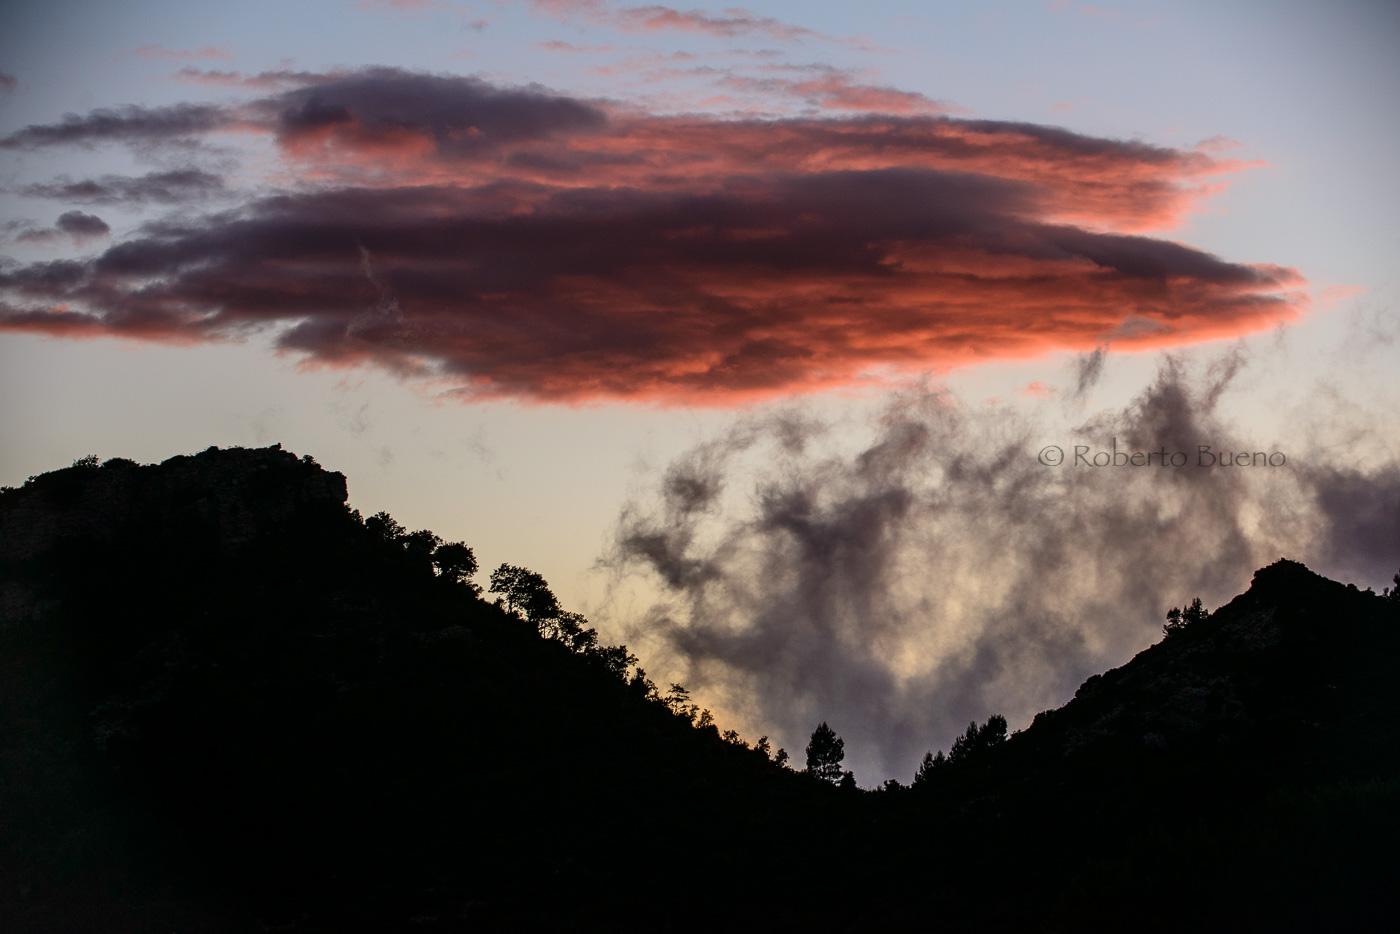 Tocando el cielo. Serra de Vandellòs - L´Hospitalet-Vandellòs - L´Hospitalet de l´Infant - Vandellòs; Roberto Bueno; Fotografía